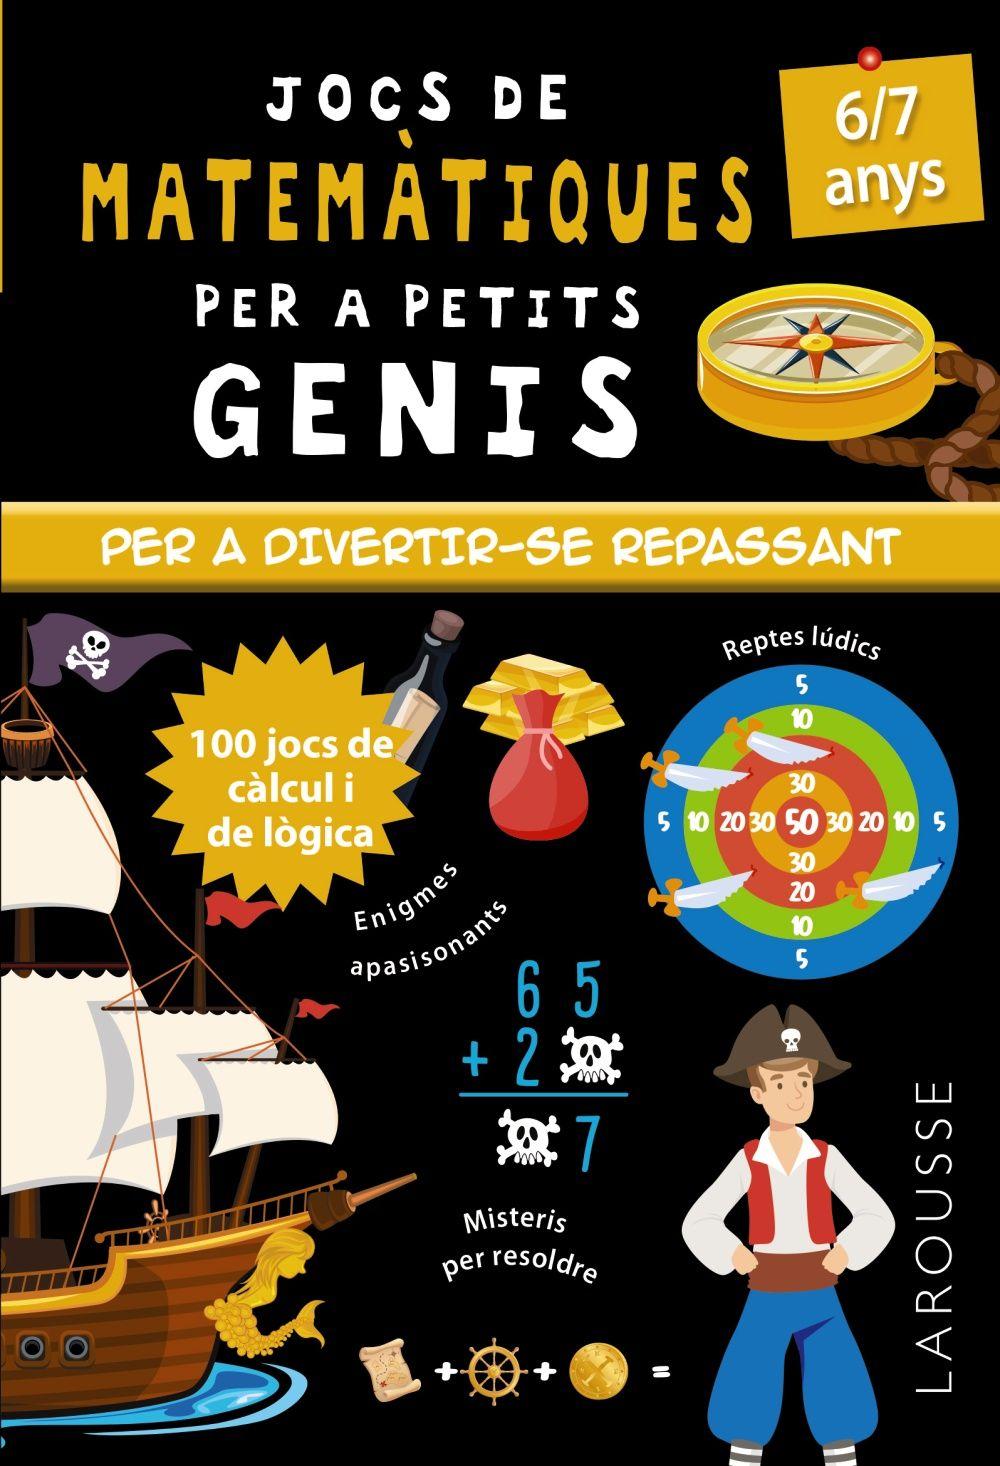 JOCS DE MATEMATIQUES PER A PETITS GENIS 6-7 ANYS